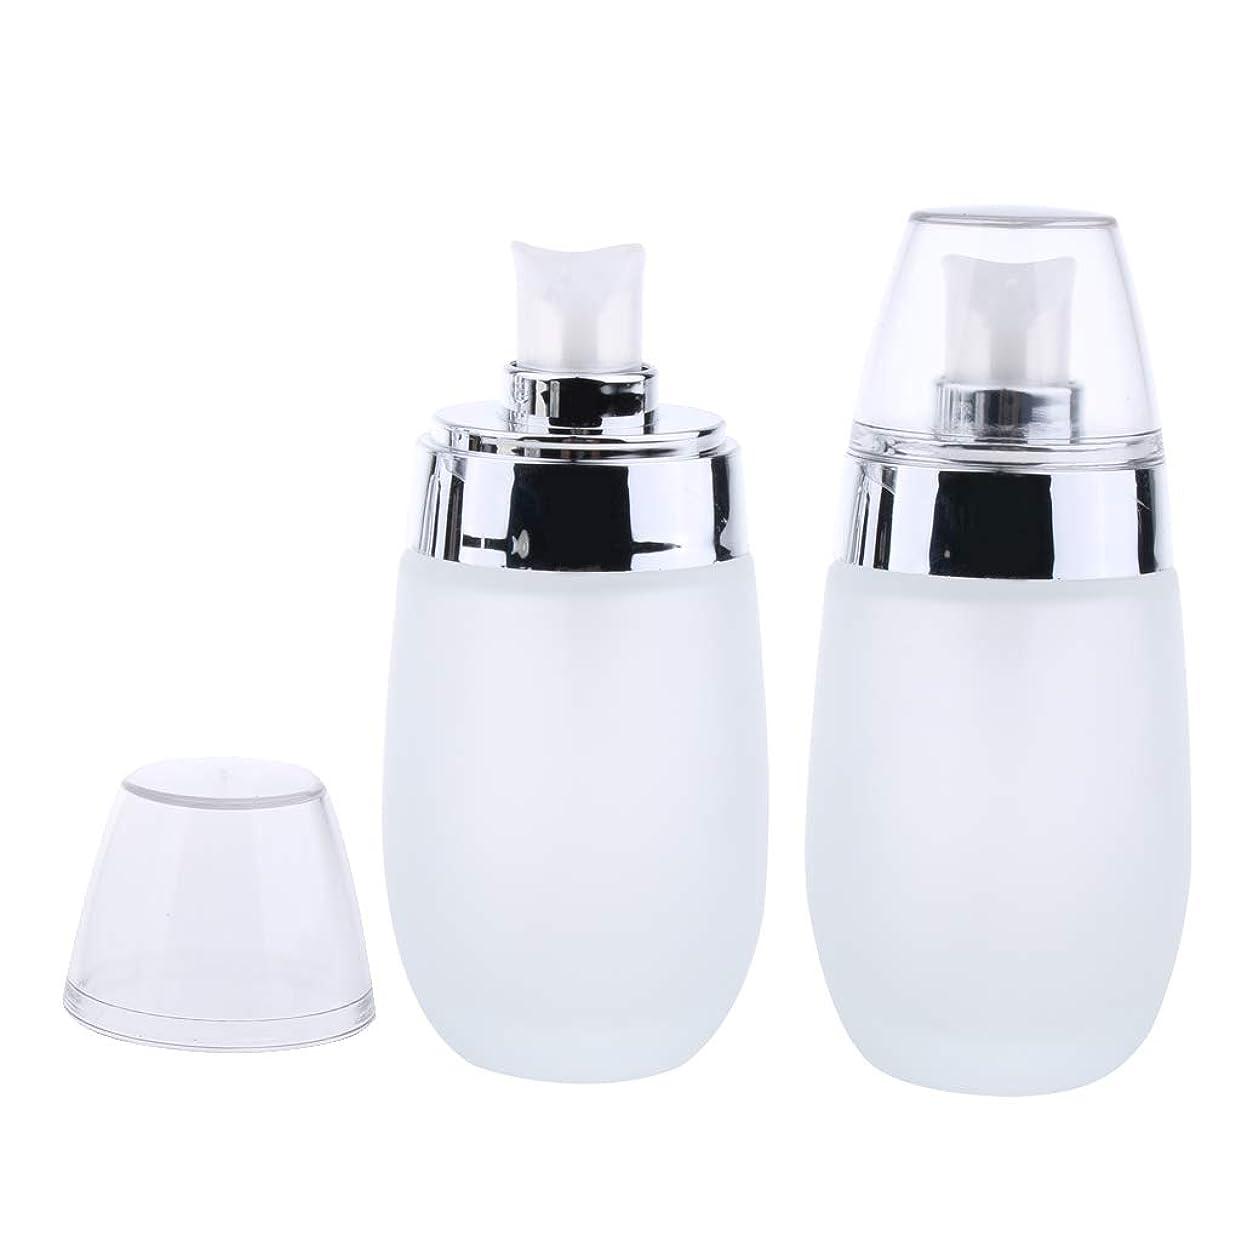 ショッピングセンターはげ五月Perfeclan 2個セット 泡ポンプボトル ローション エッセンス 詰め替え容器 2本 ガラス材料 携帯用 3色選ぶ - 銀